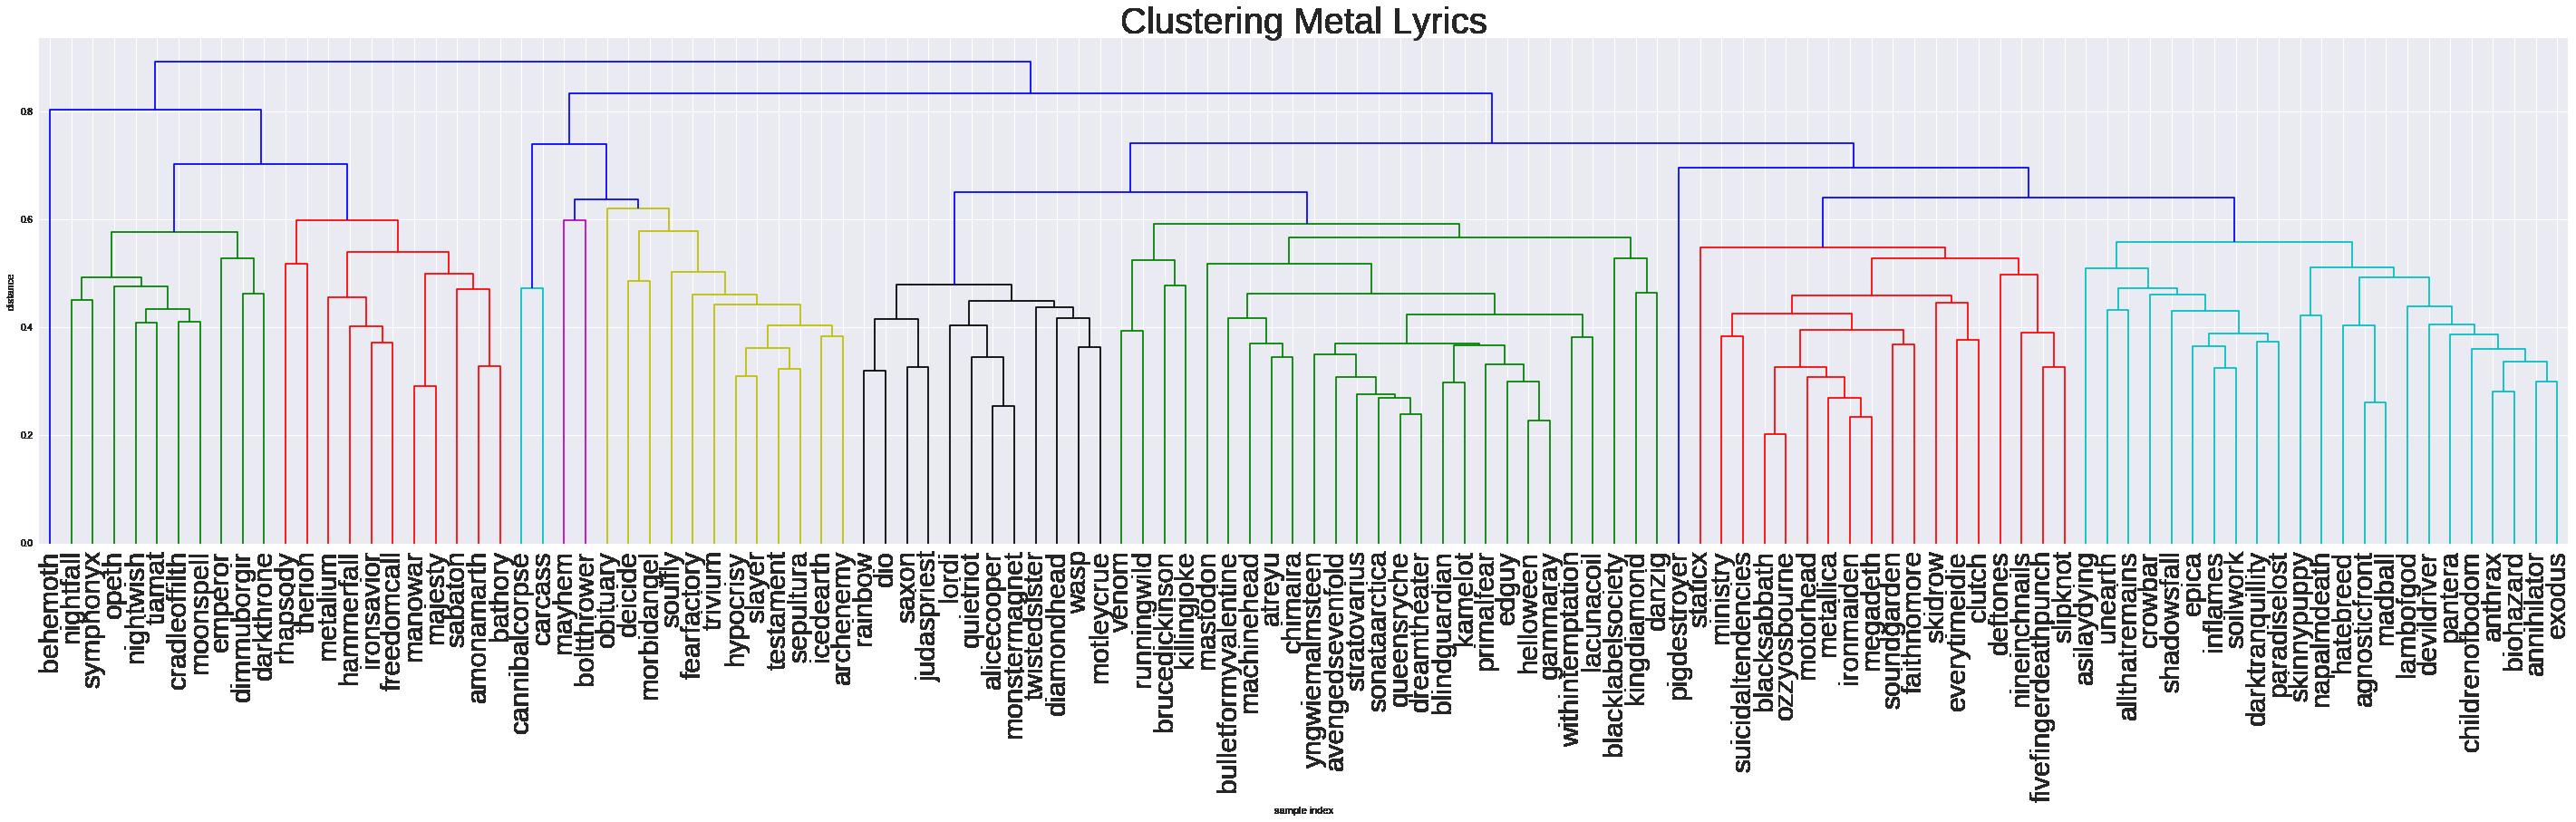 cluster_dendrogram